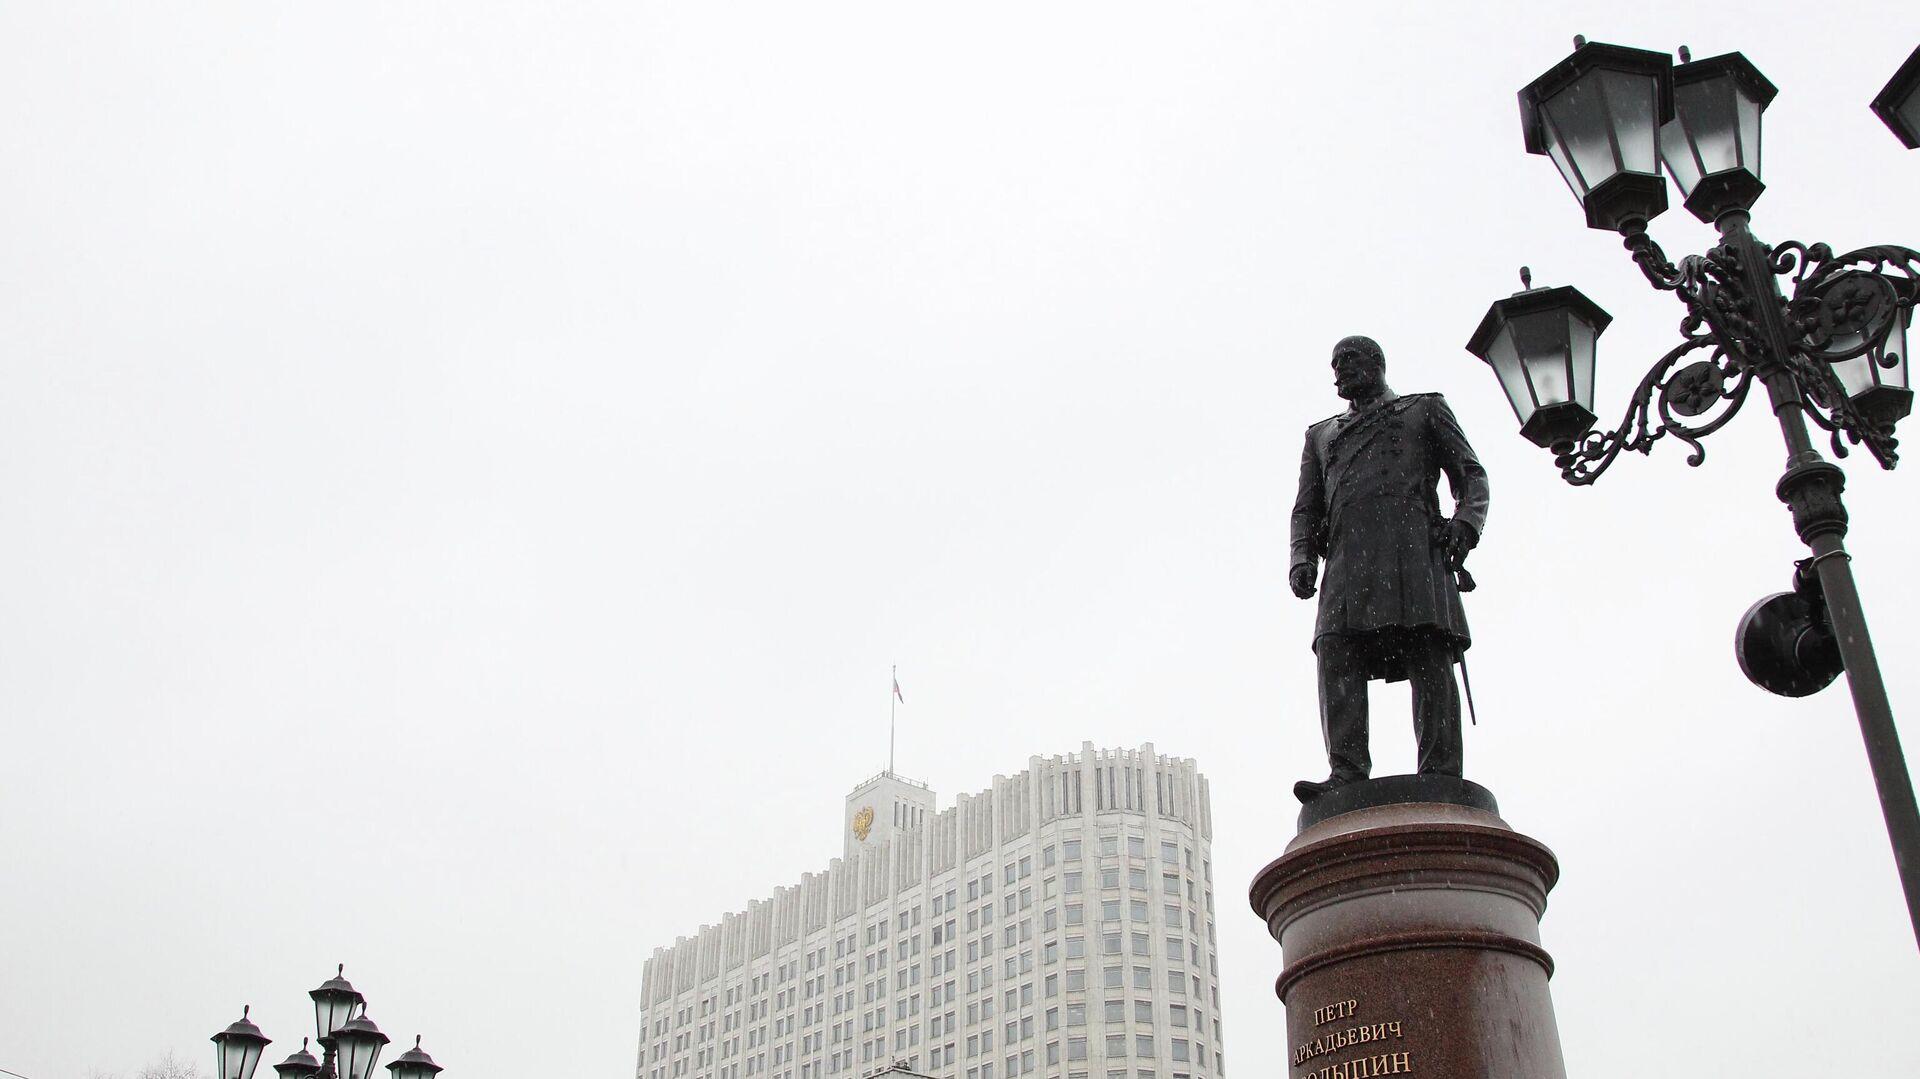 Памятника Петру Столыпину в Москве - РИА Новости, 1920, 14.04.2021